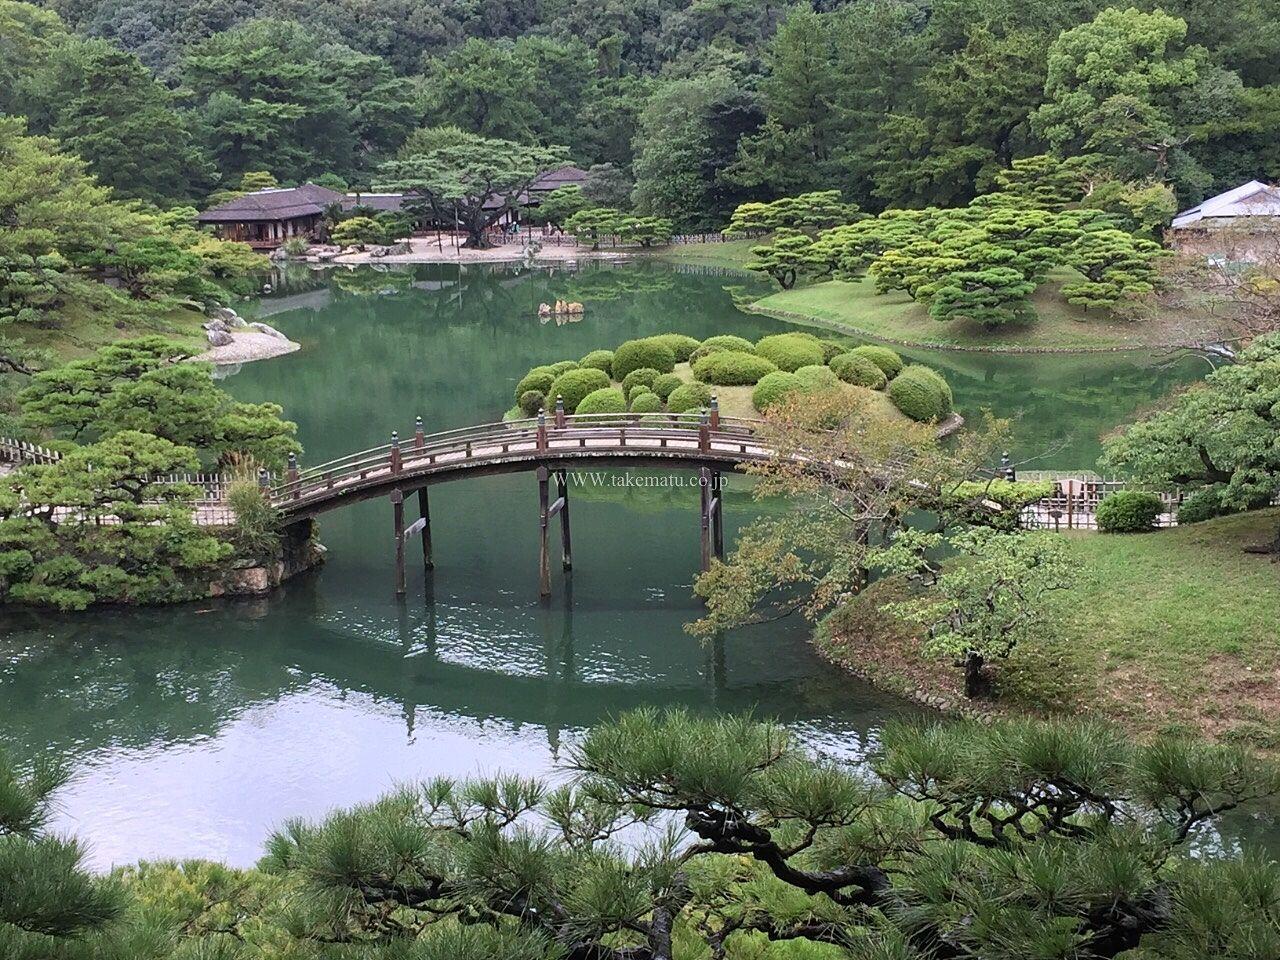 香川県 高松市 サクセスホーム 地元の事はハトに聞け 実践編 その2